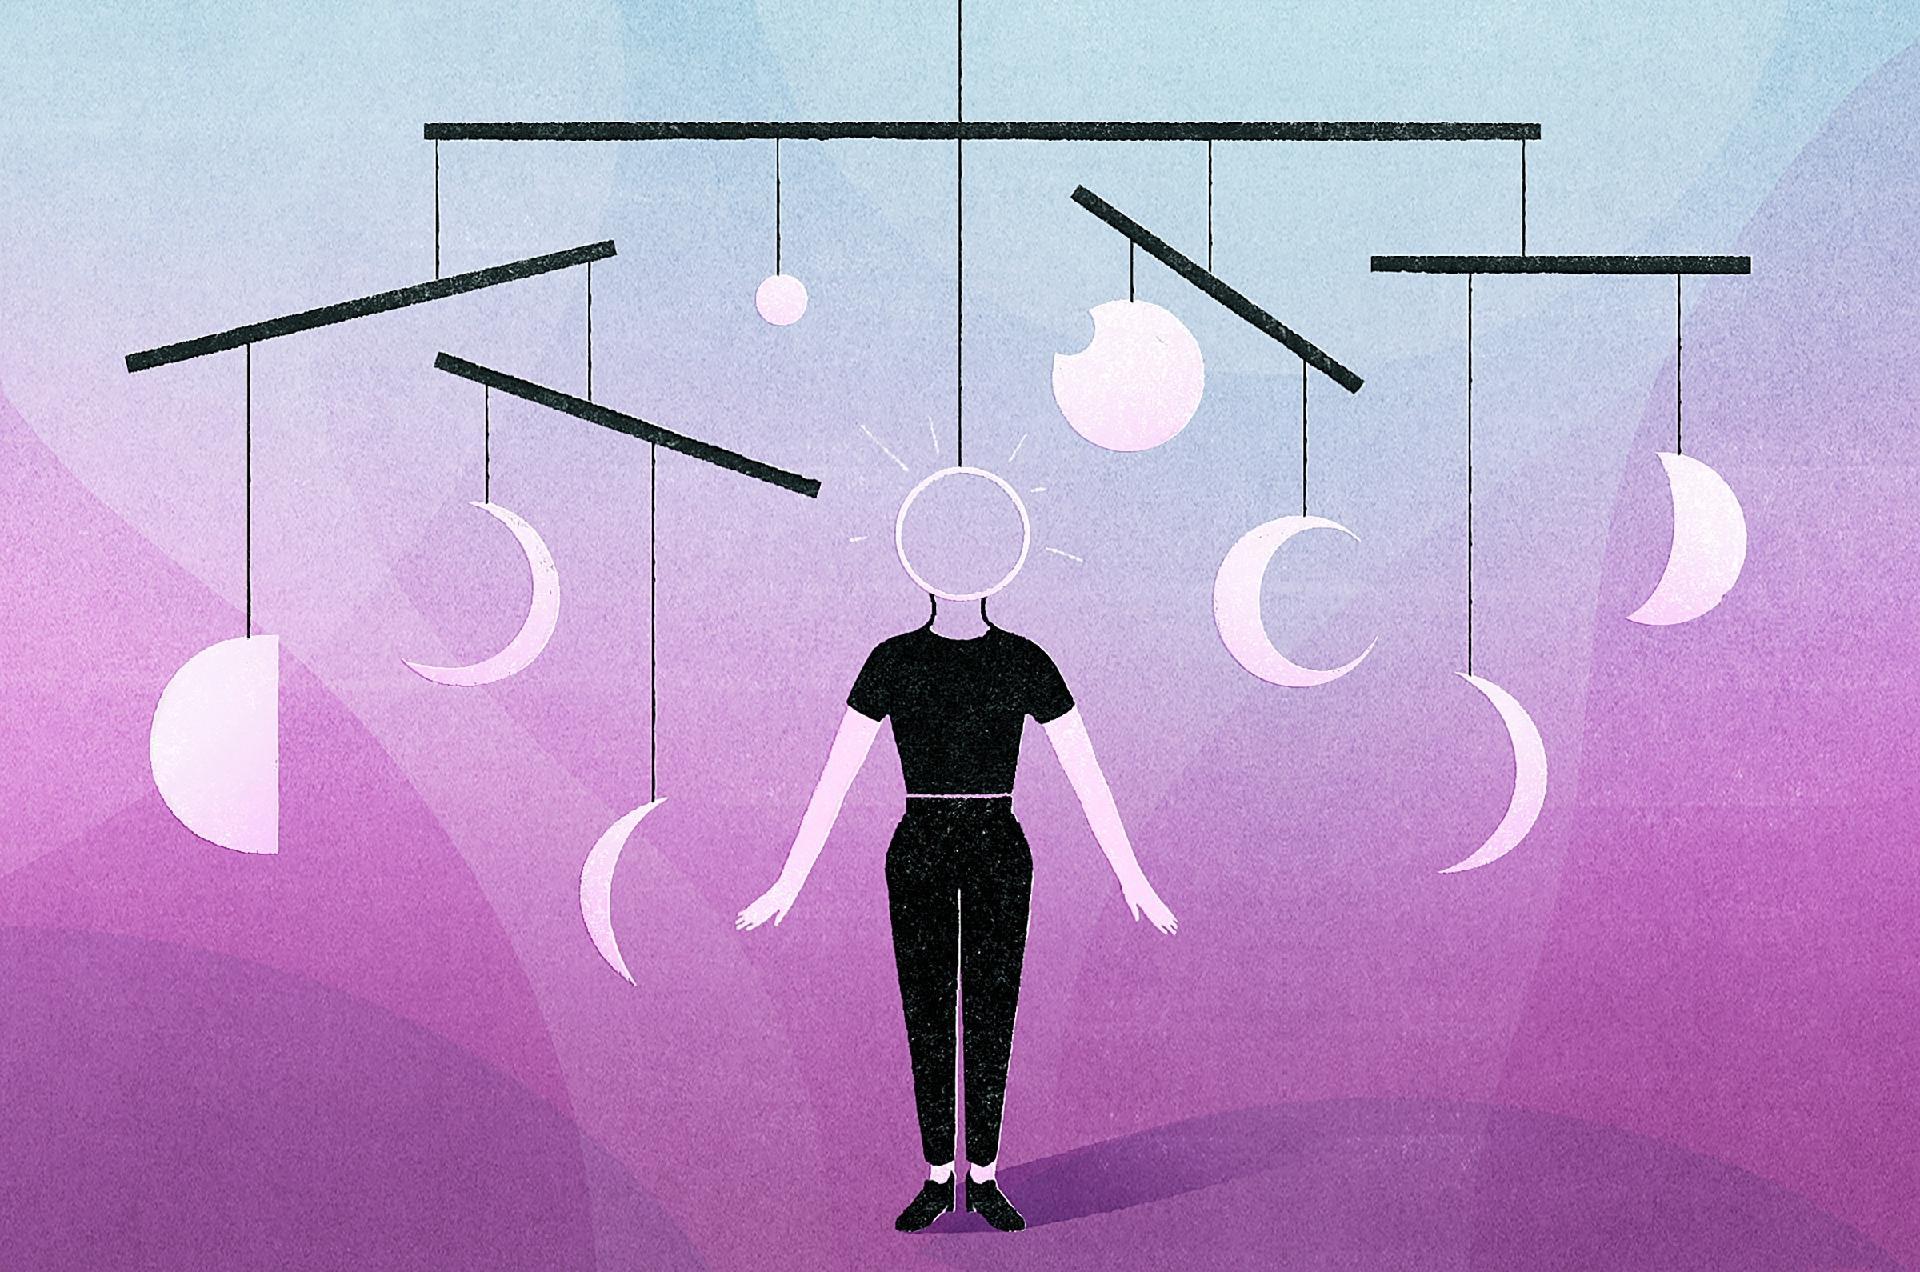 muore menopausa causa aumento di peso